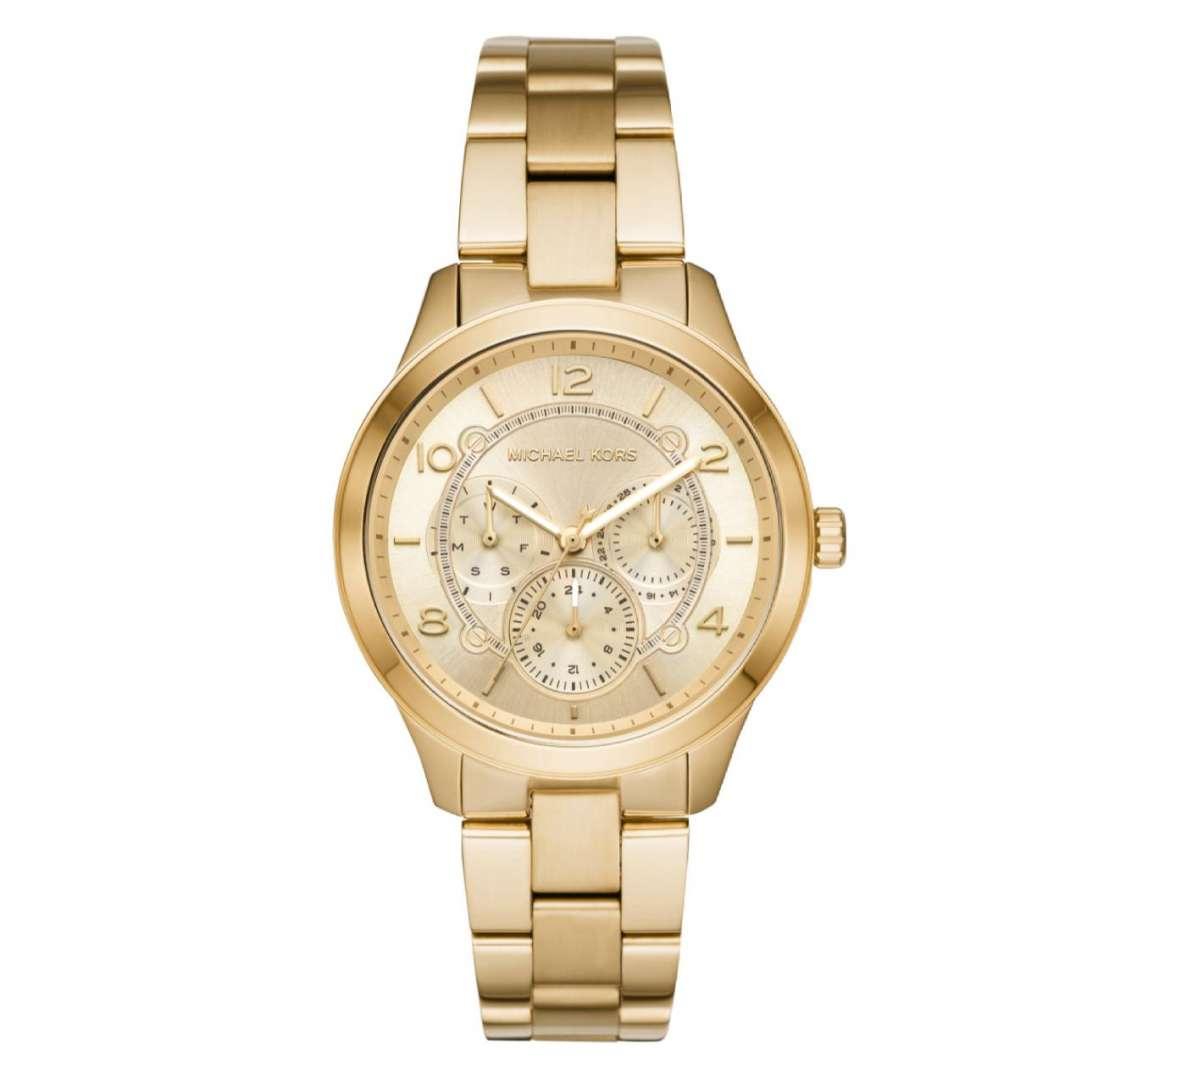 שעון יד אנלוגי לאישה michael kors mk6588 מייקל קורס